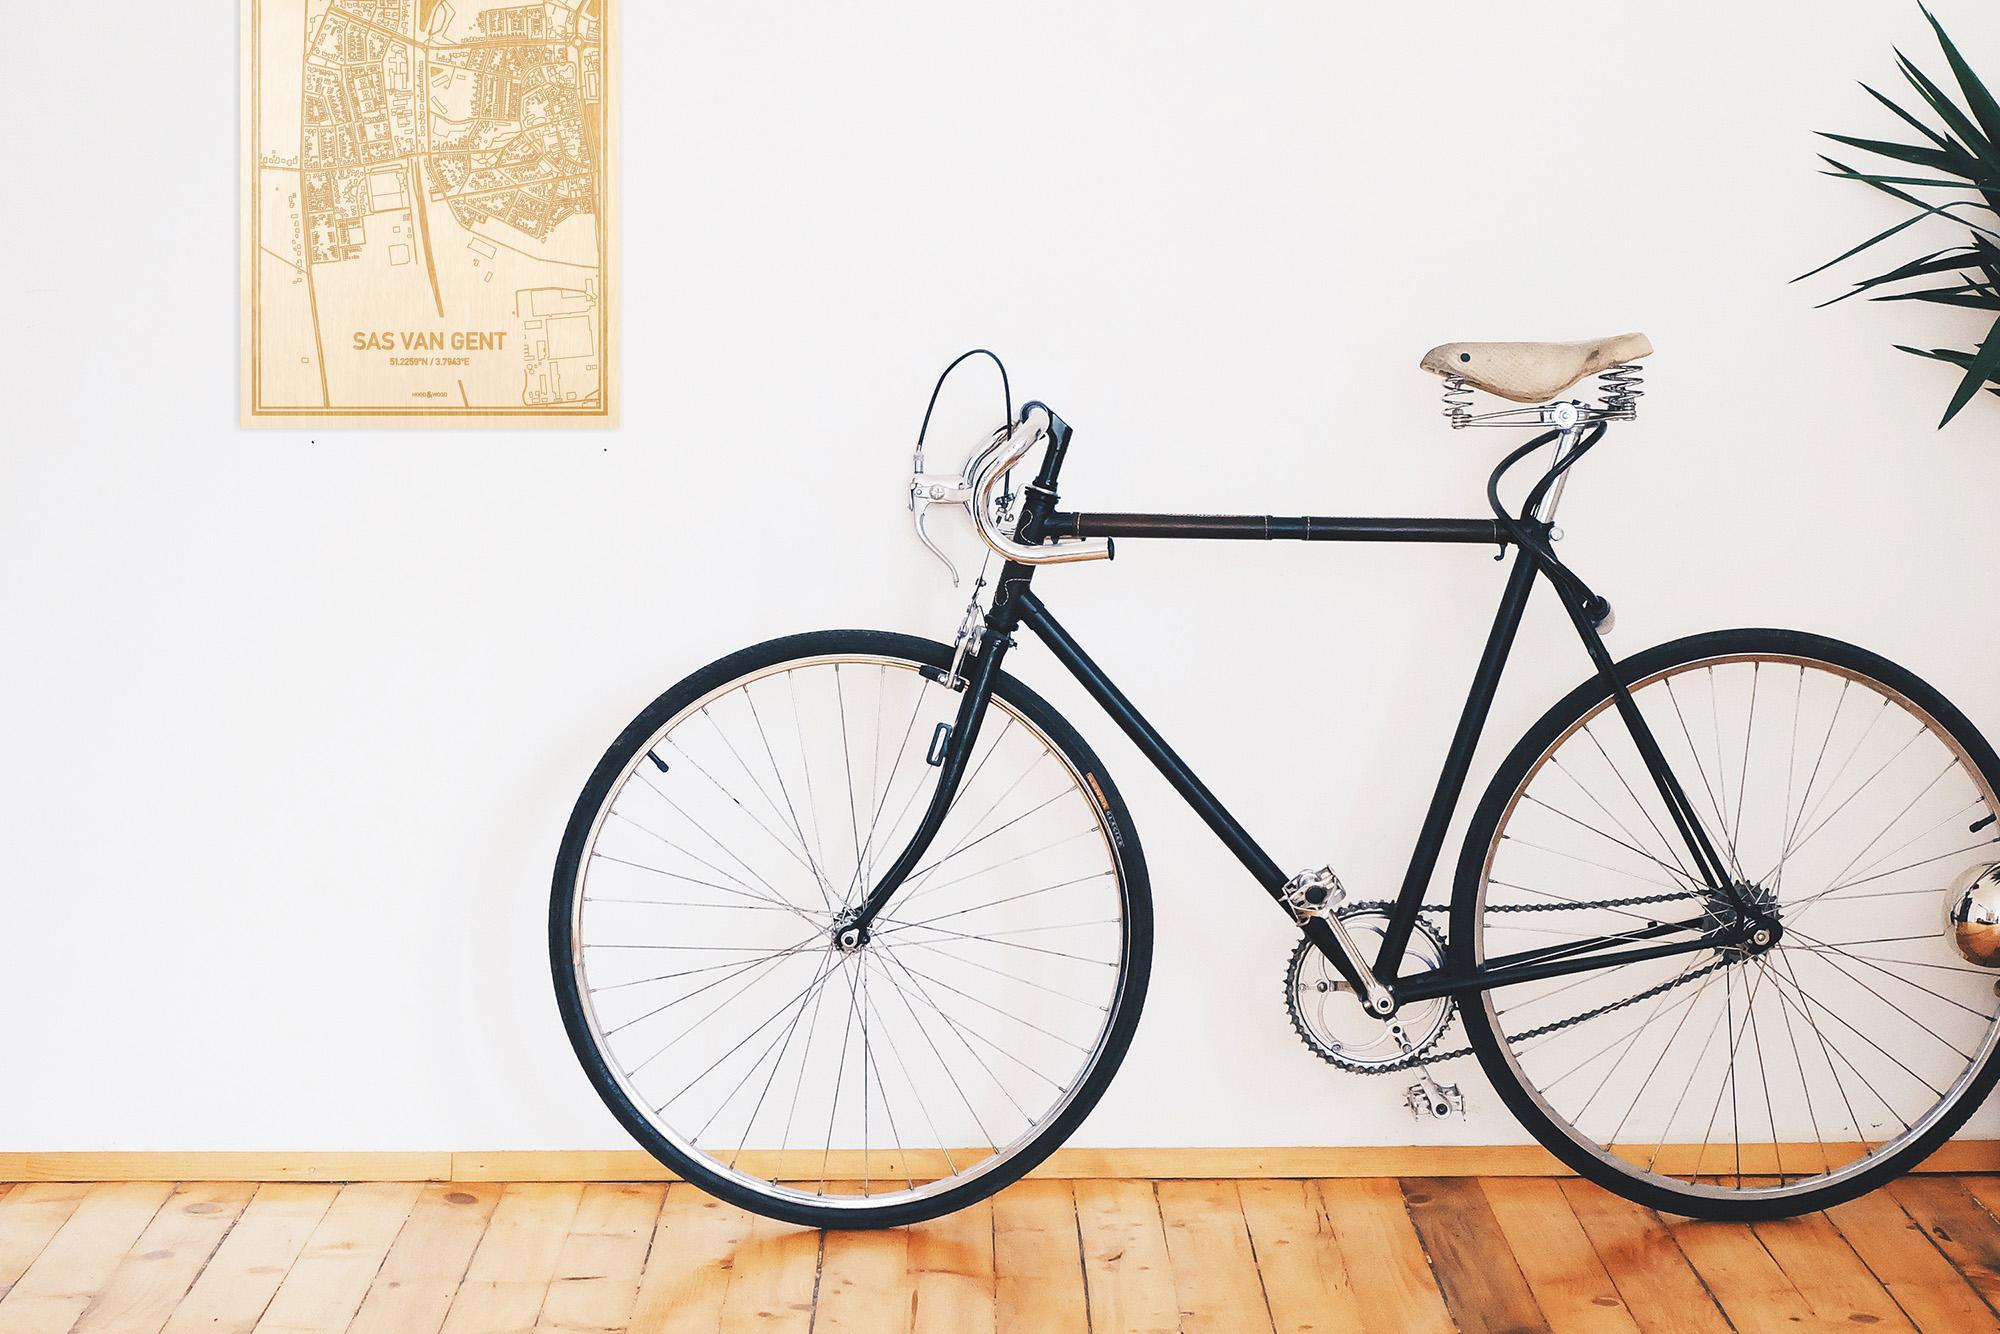 Een snelle fiets in een uniek interieur in Zeeland met mooie decoratie zoals de plattegrond Sas van Gent.